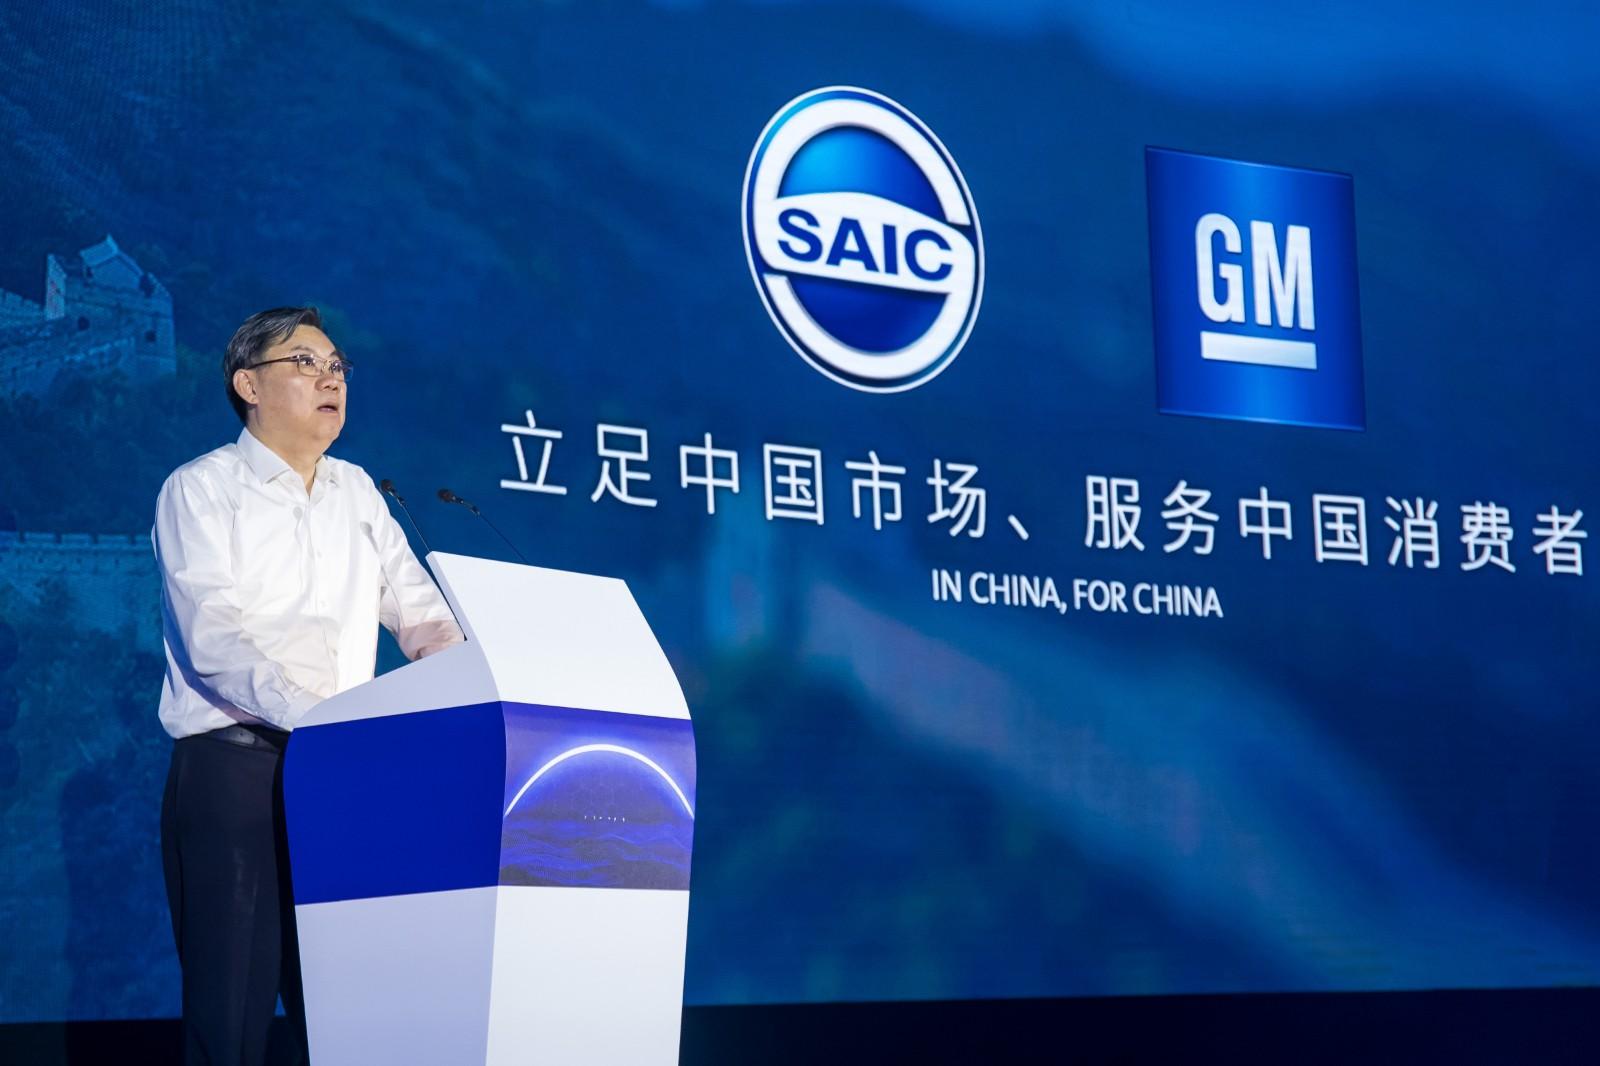 上汽集团董事长陈虹在通用汽车科技展望日上致辞